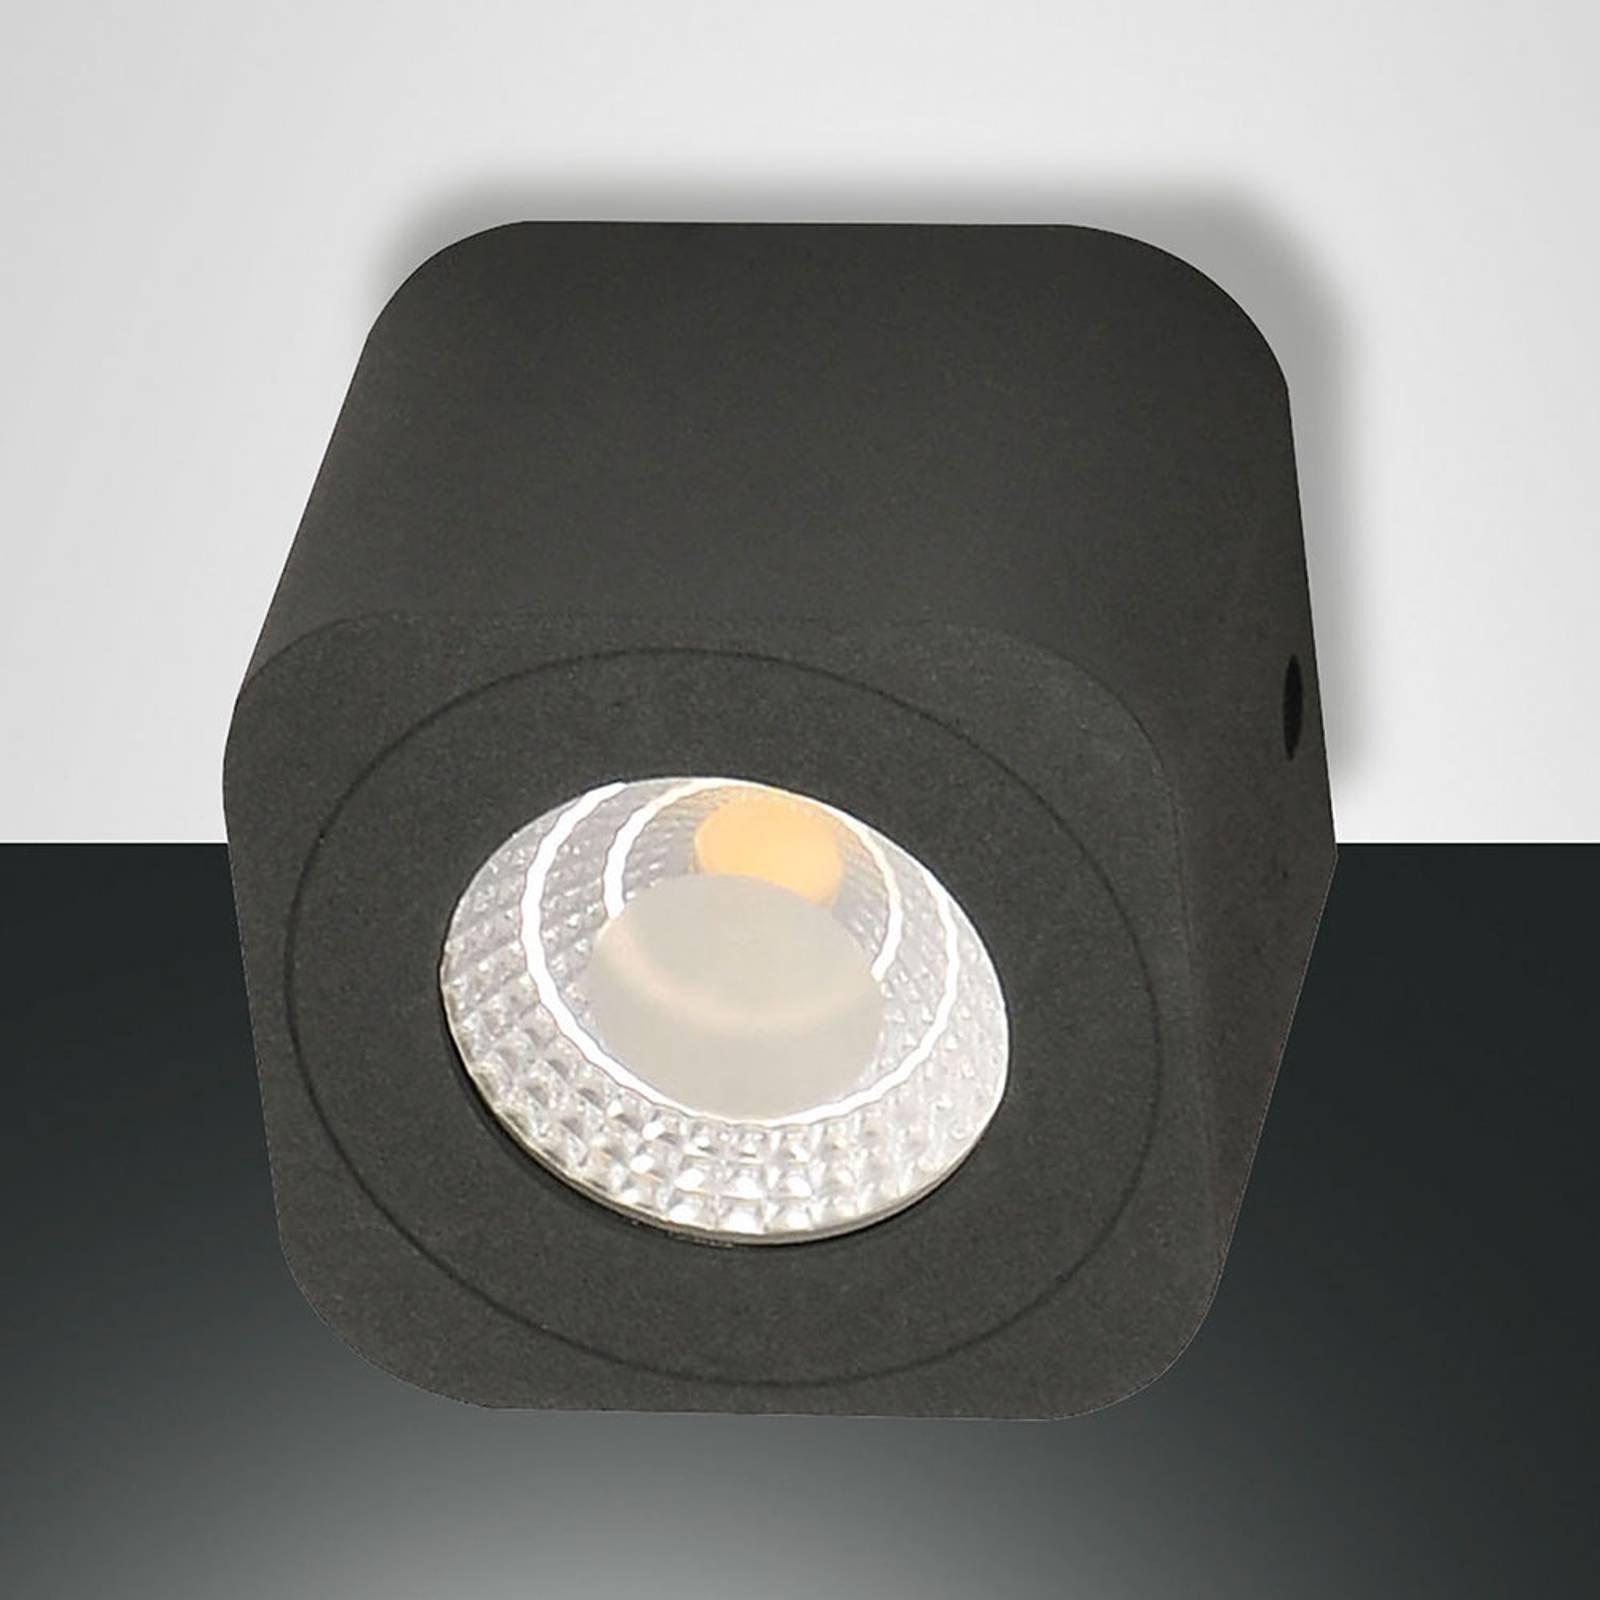 Firkantet LED-downlight Palmi i antrasitt